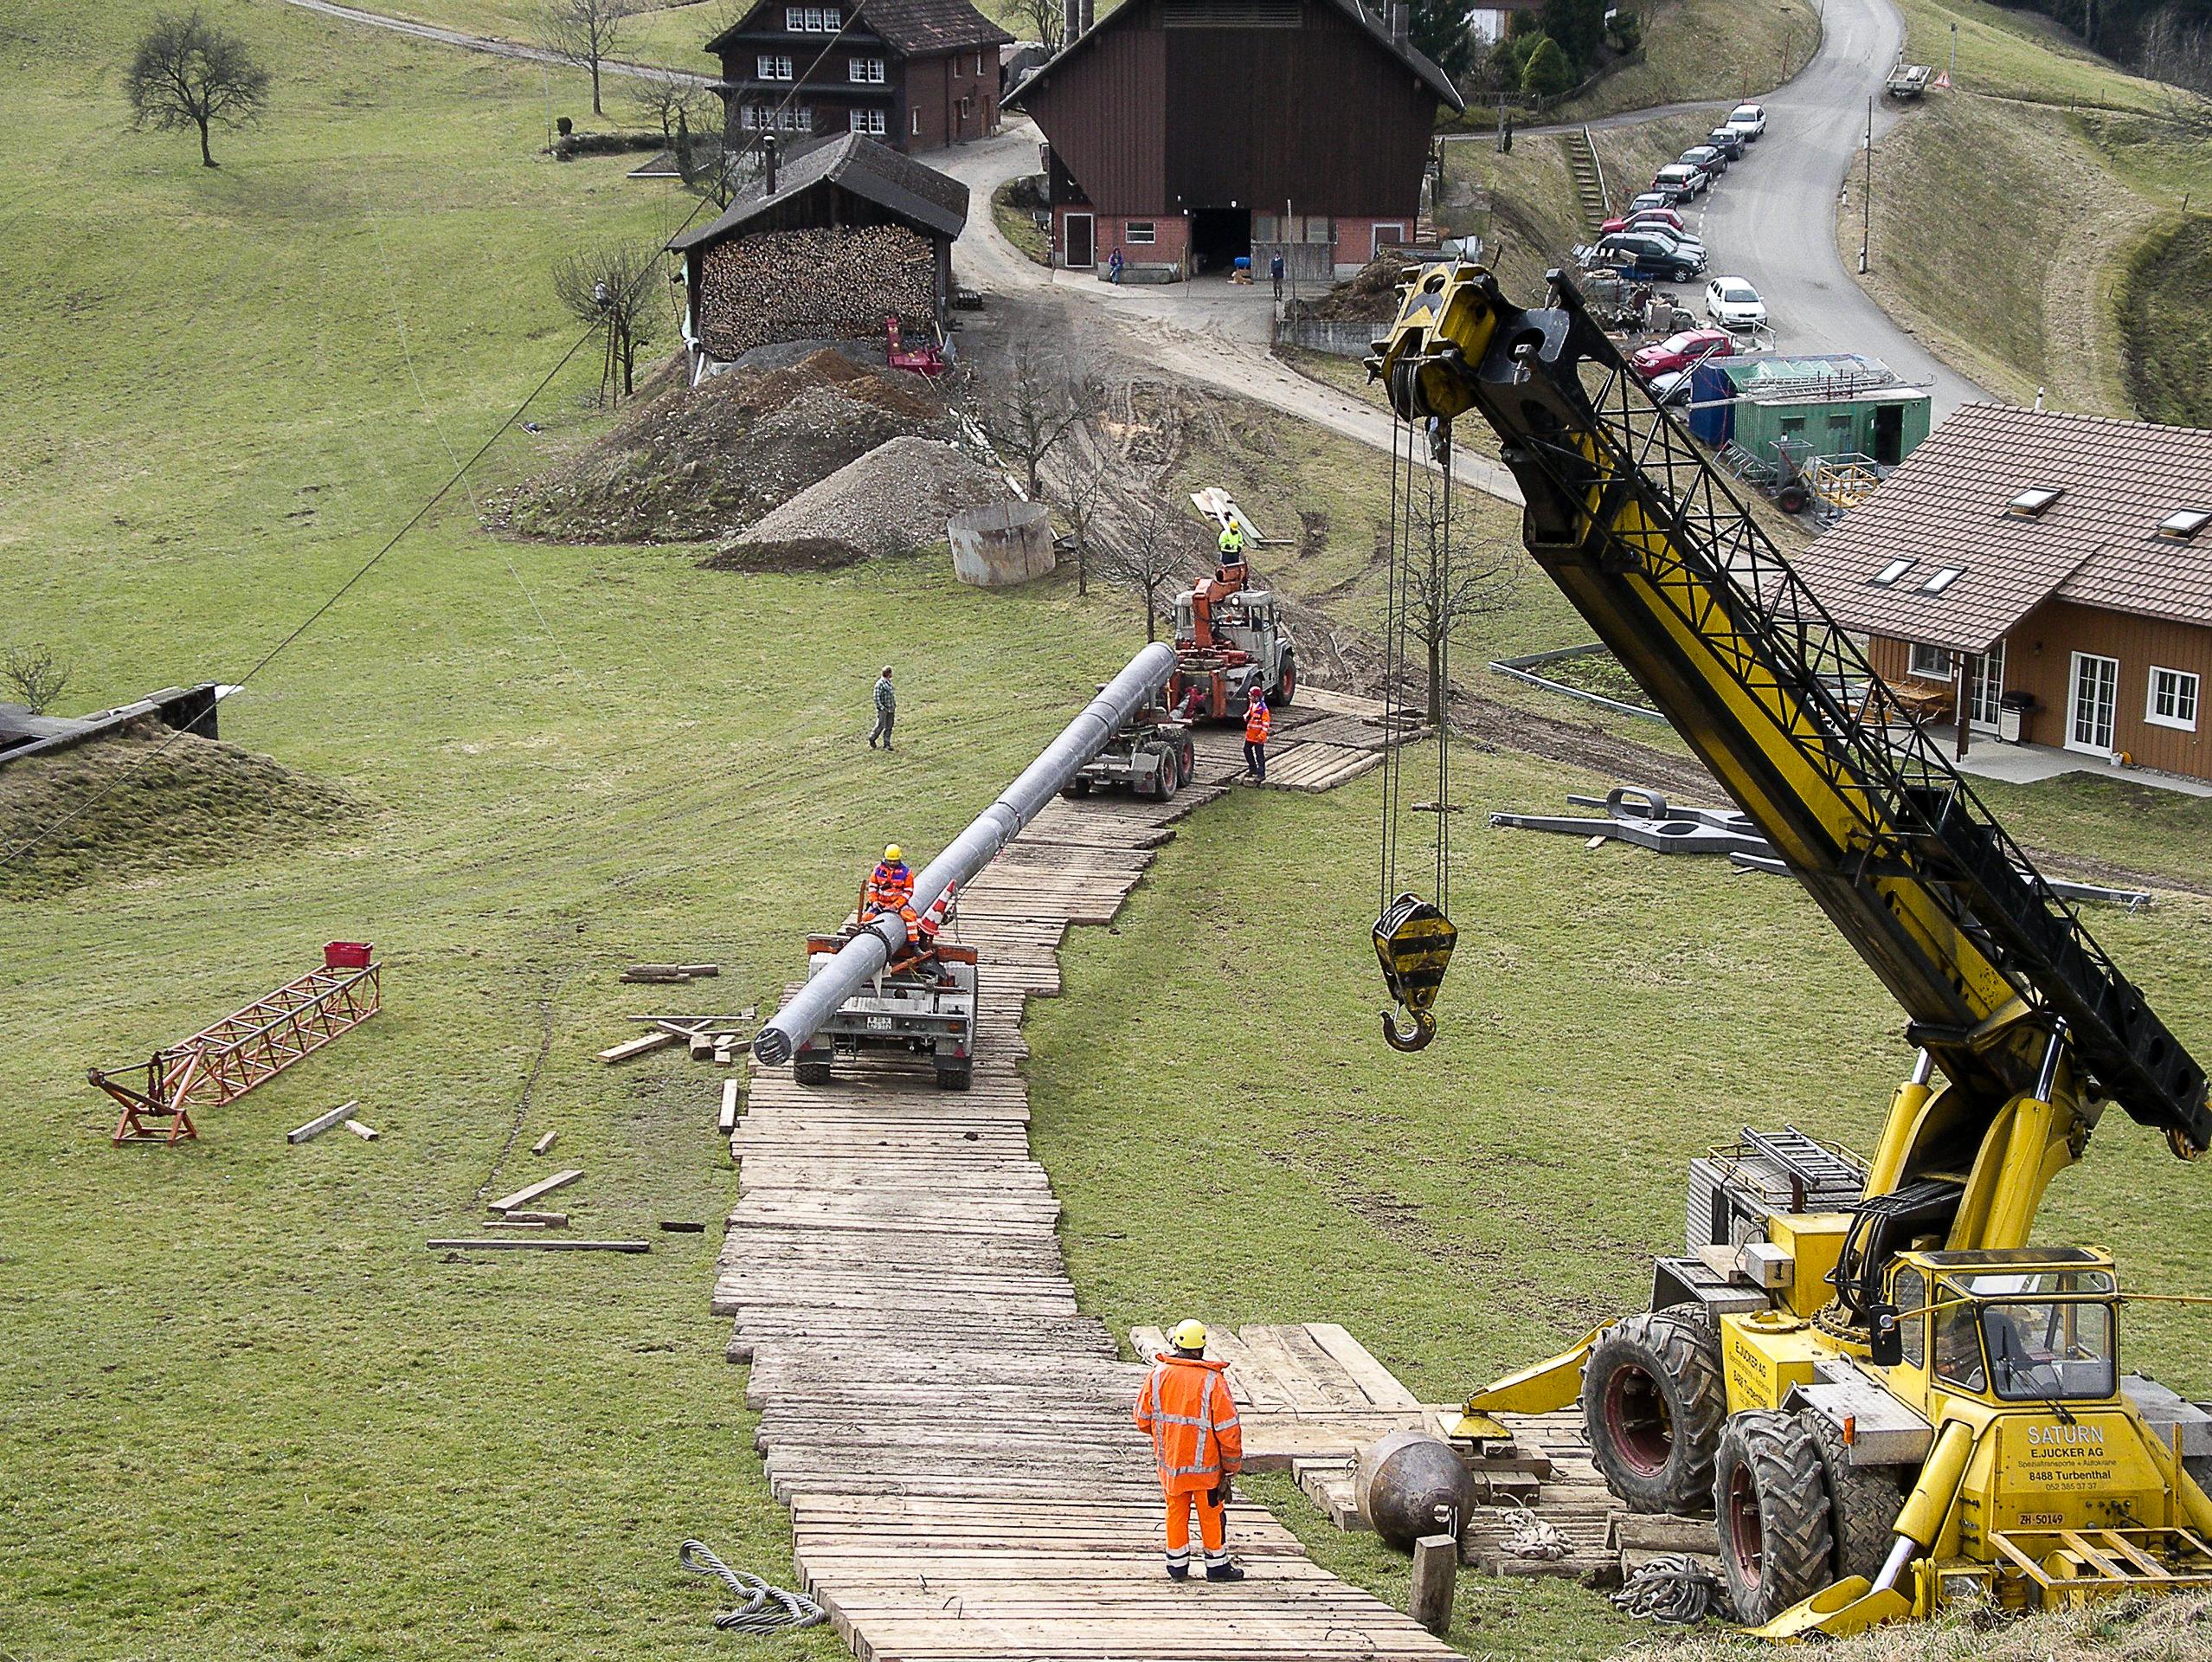 Freileitungsbau Kranarbeiten Jucker Spezialtransporte AG